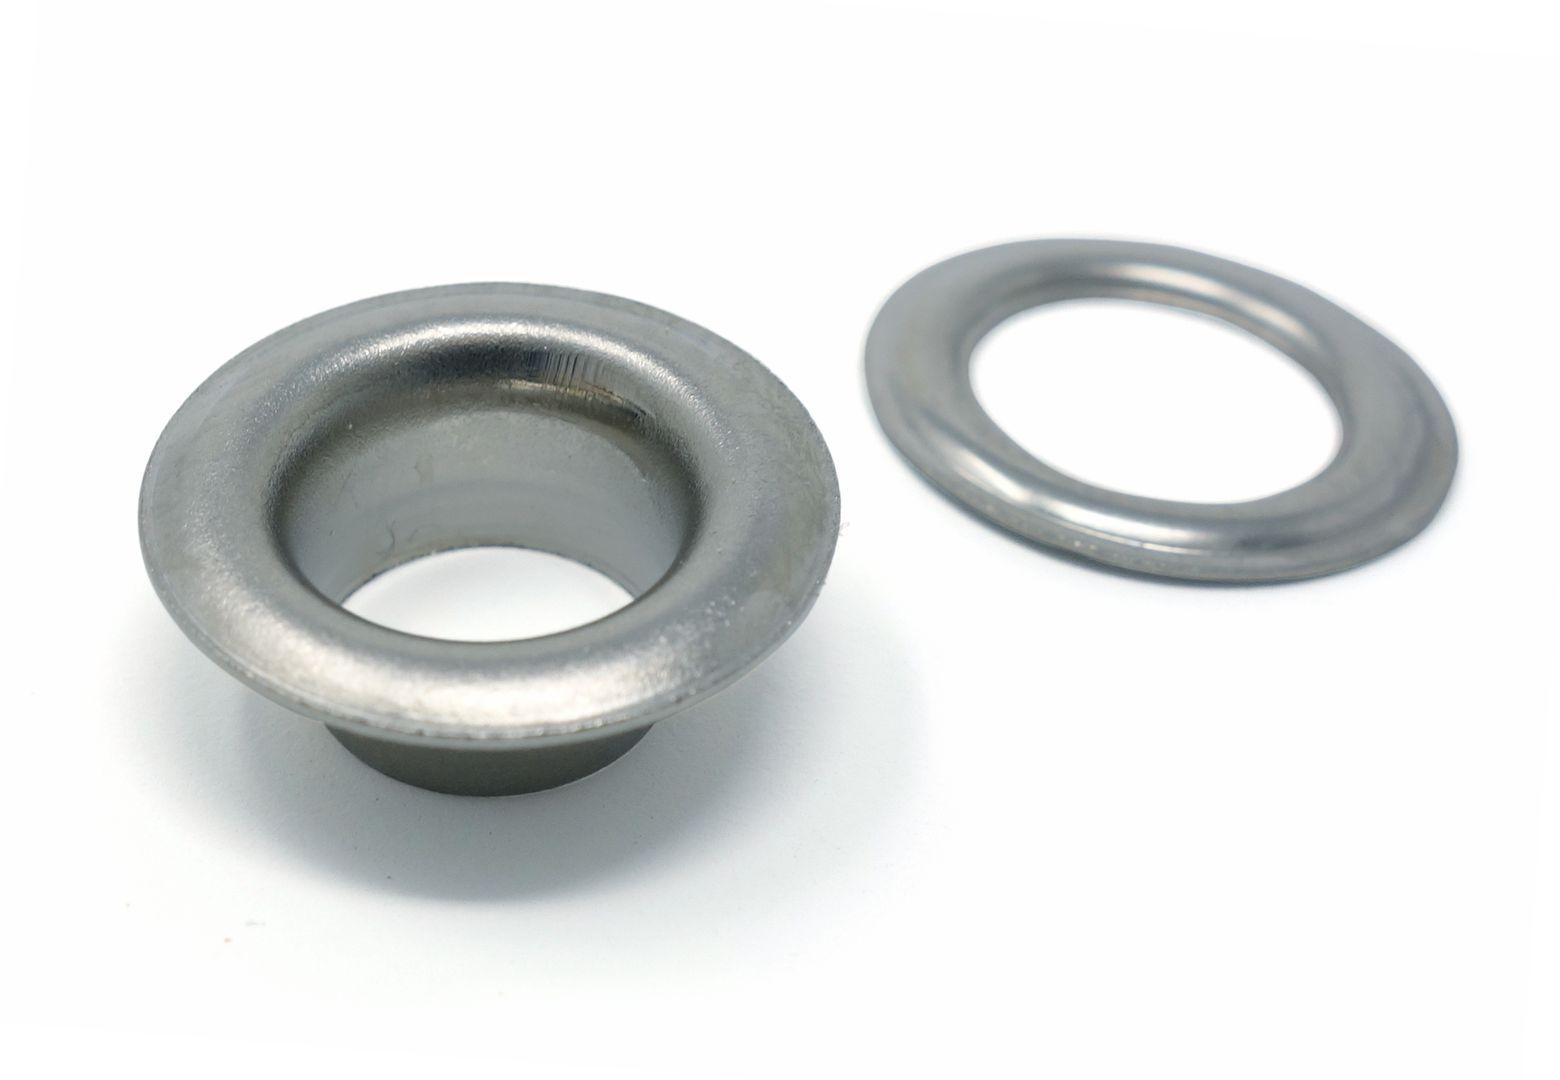 100 x 11,2 mm selbstlochende Ösen mit Scheibe (rostfrei) für Ösenpressen und Einschlagwerkzeuge – Bild 3